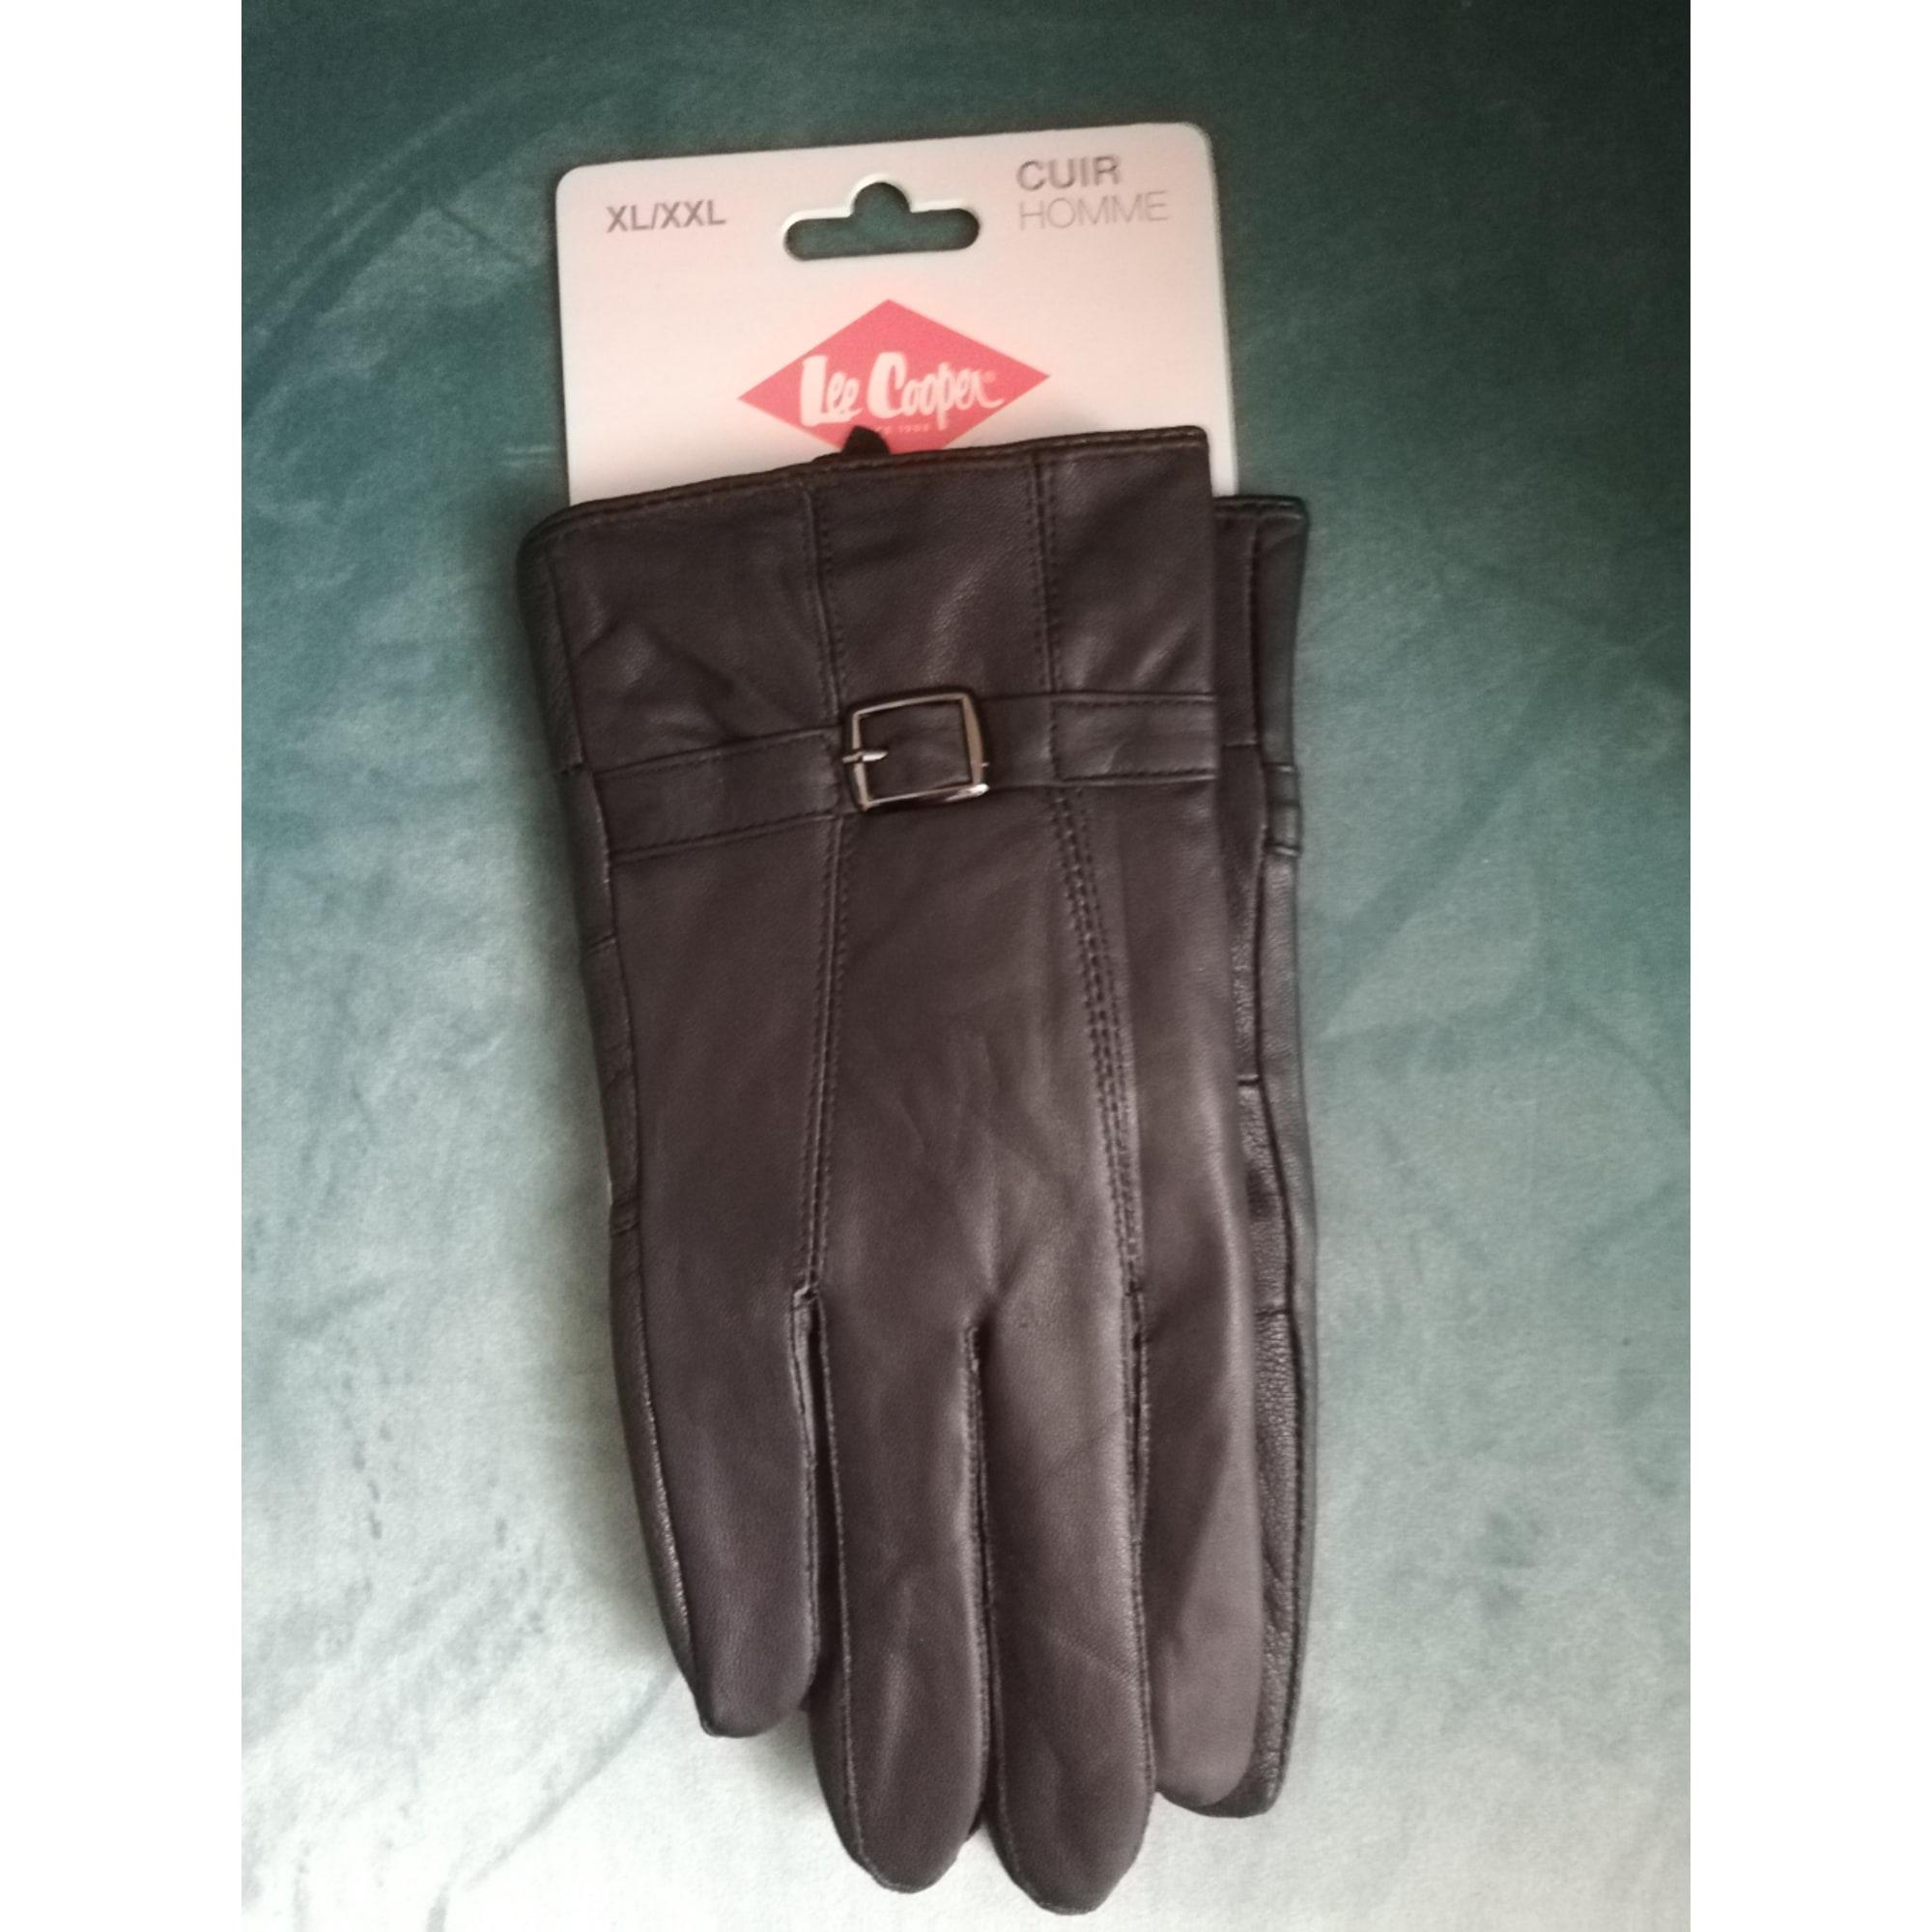 Handschuhe LEE COOPER Schwarz